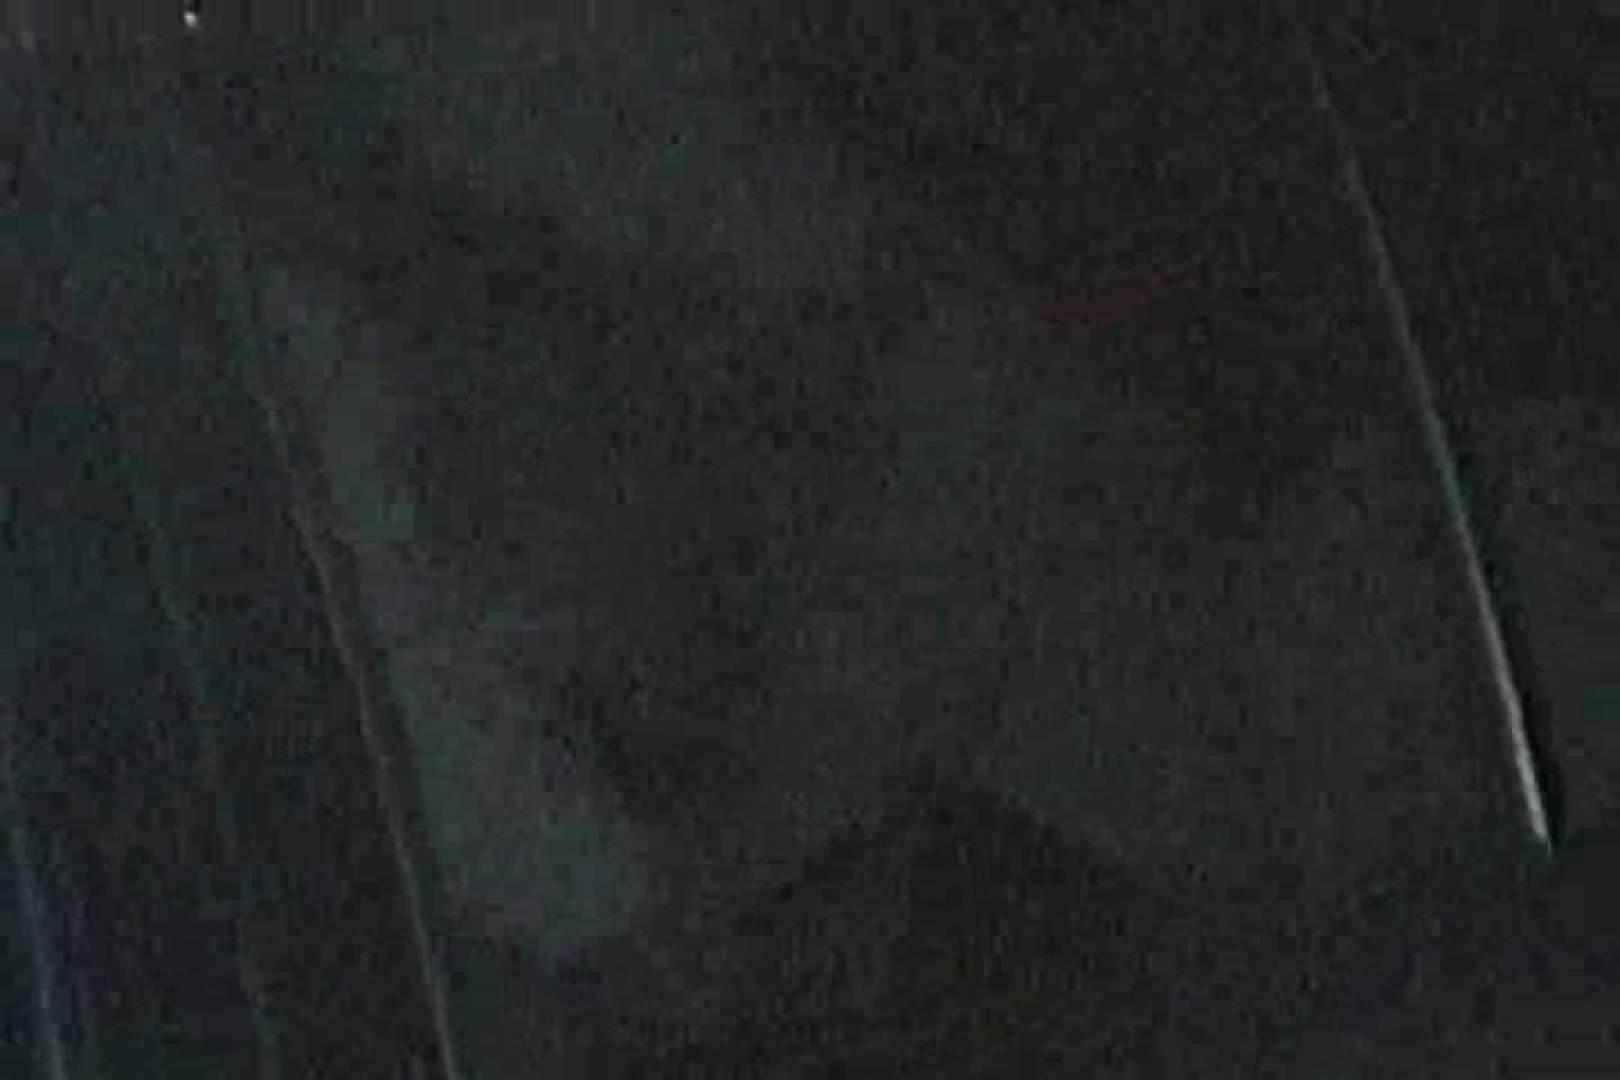 充血監督の深夜の運動会Vol.8 乳首   エロティックなOL  106画像 36